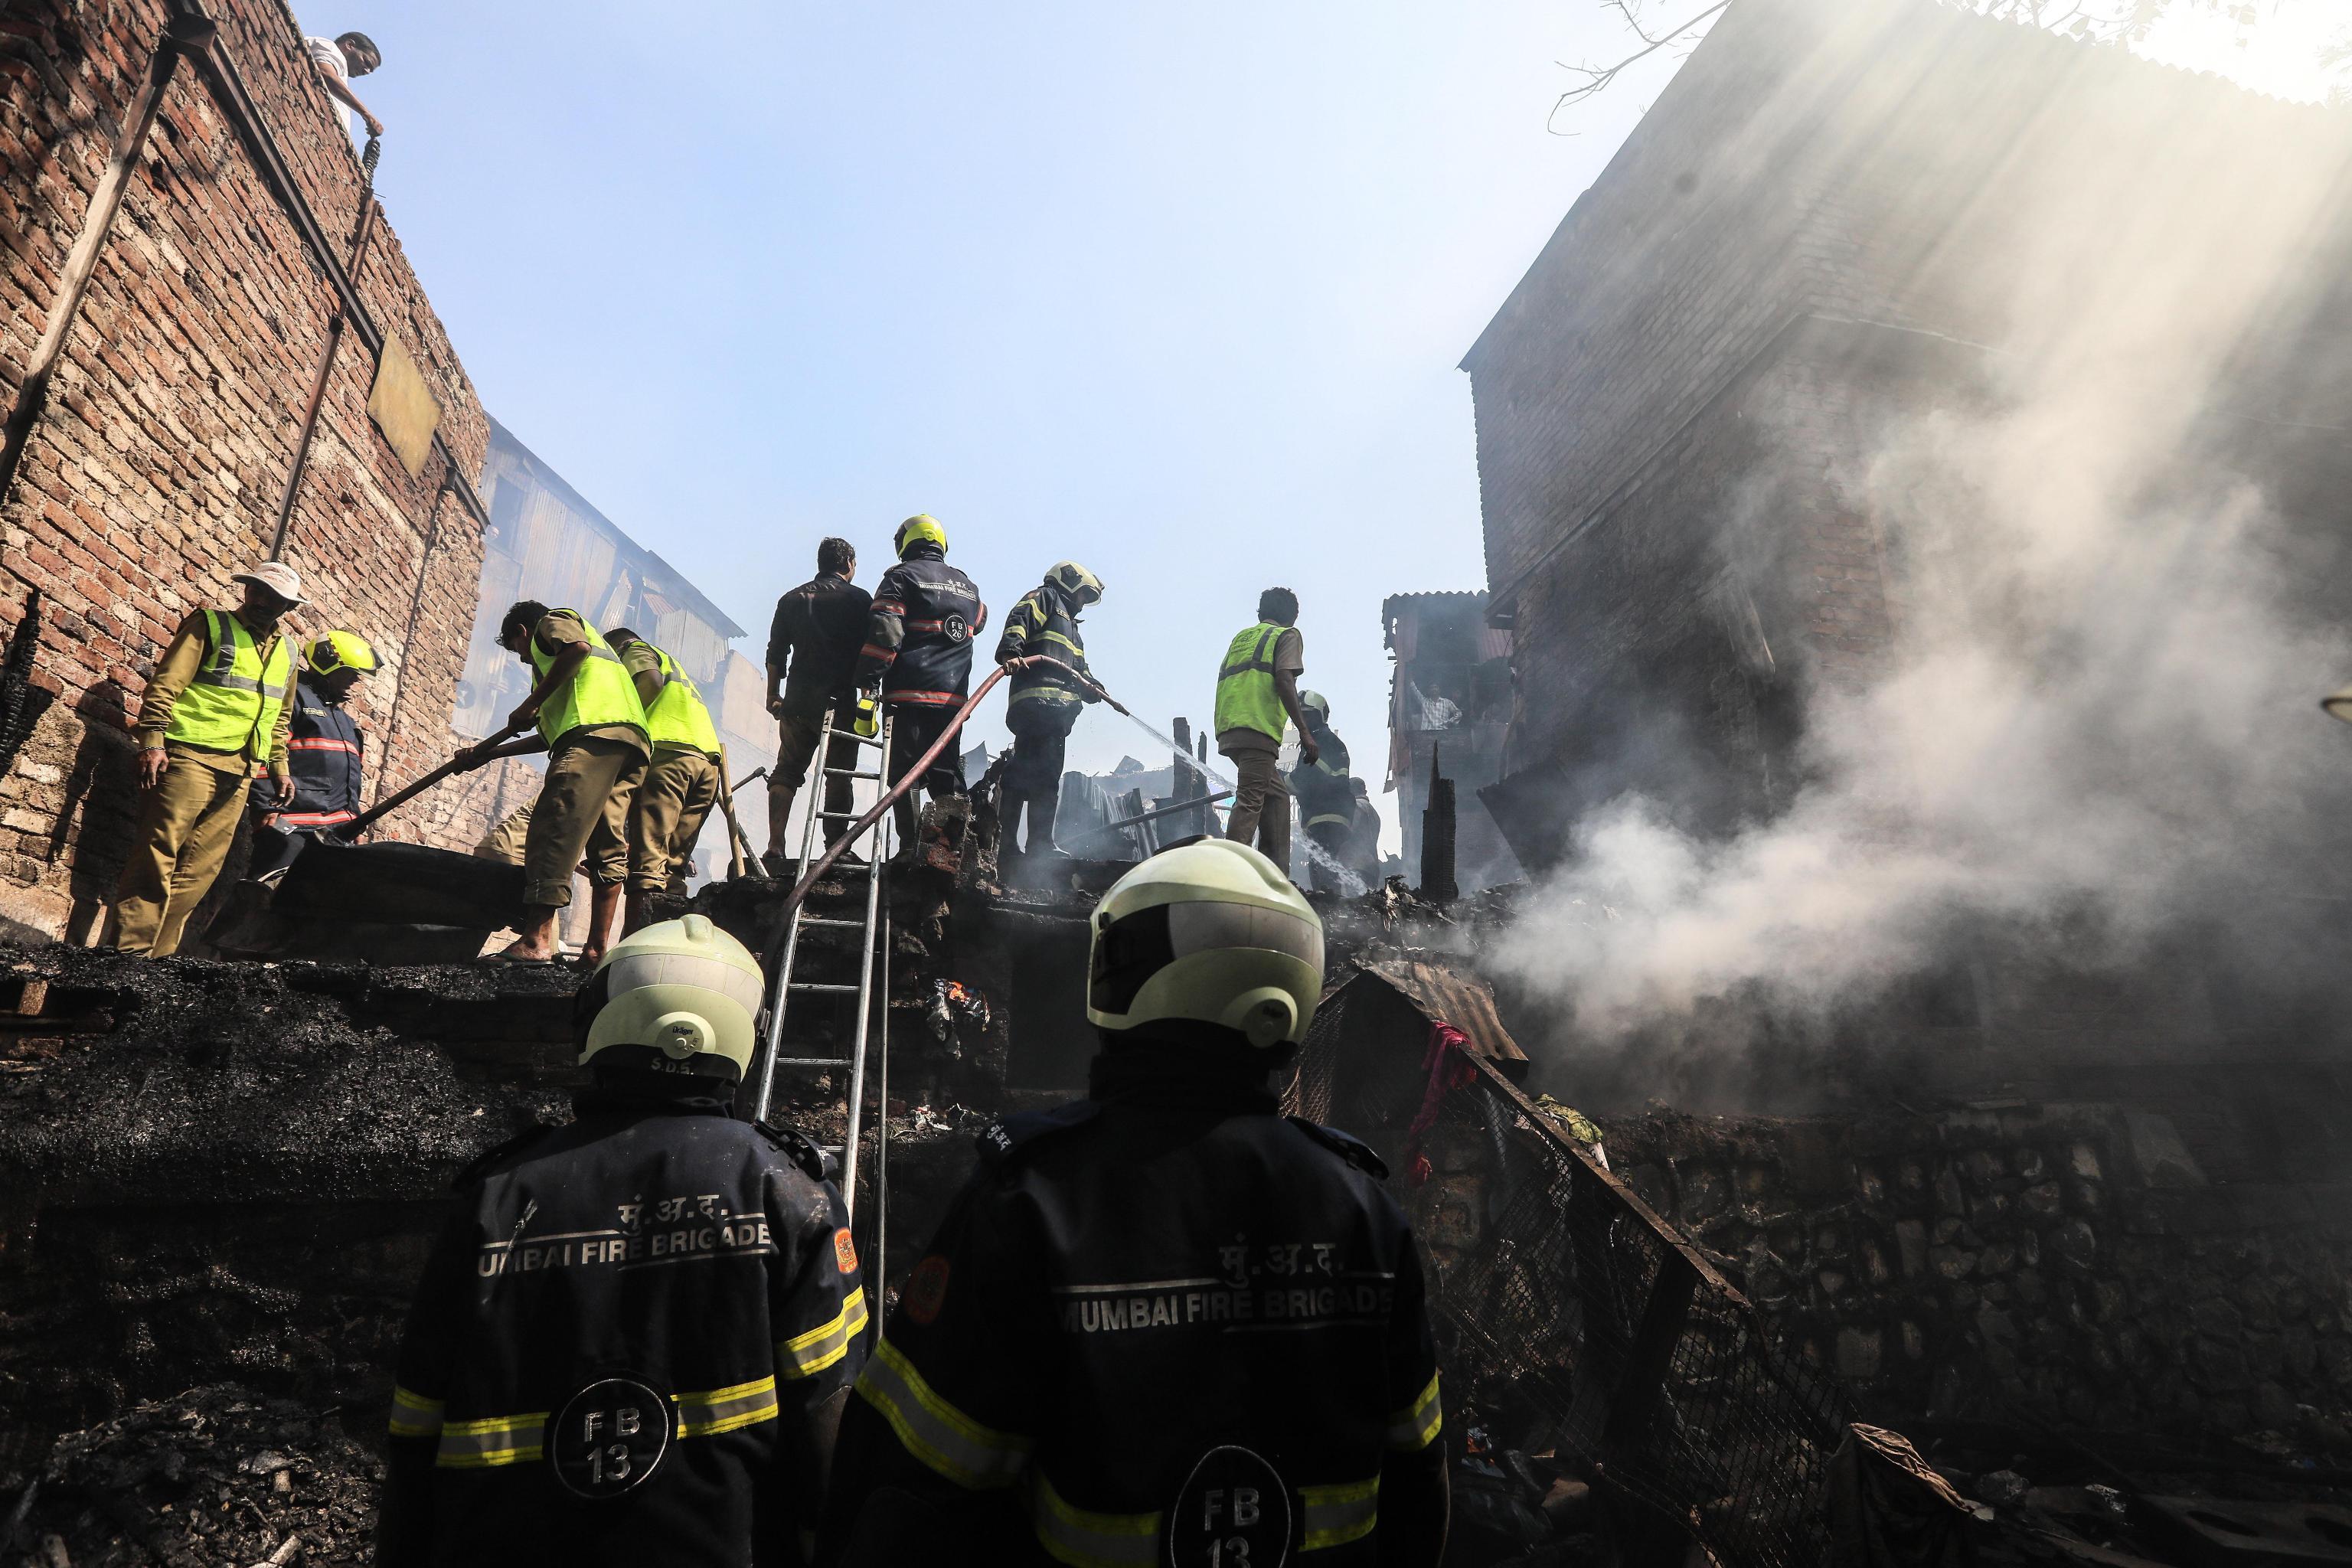 Gli abitanti delle capanne distrutte dall'incendio osservano i vigili del fuoco che continuano a lavorare